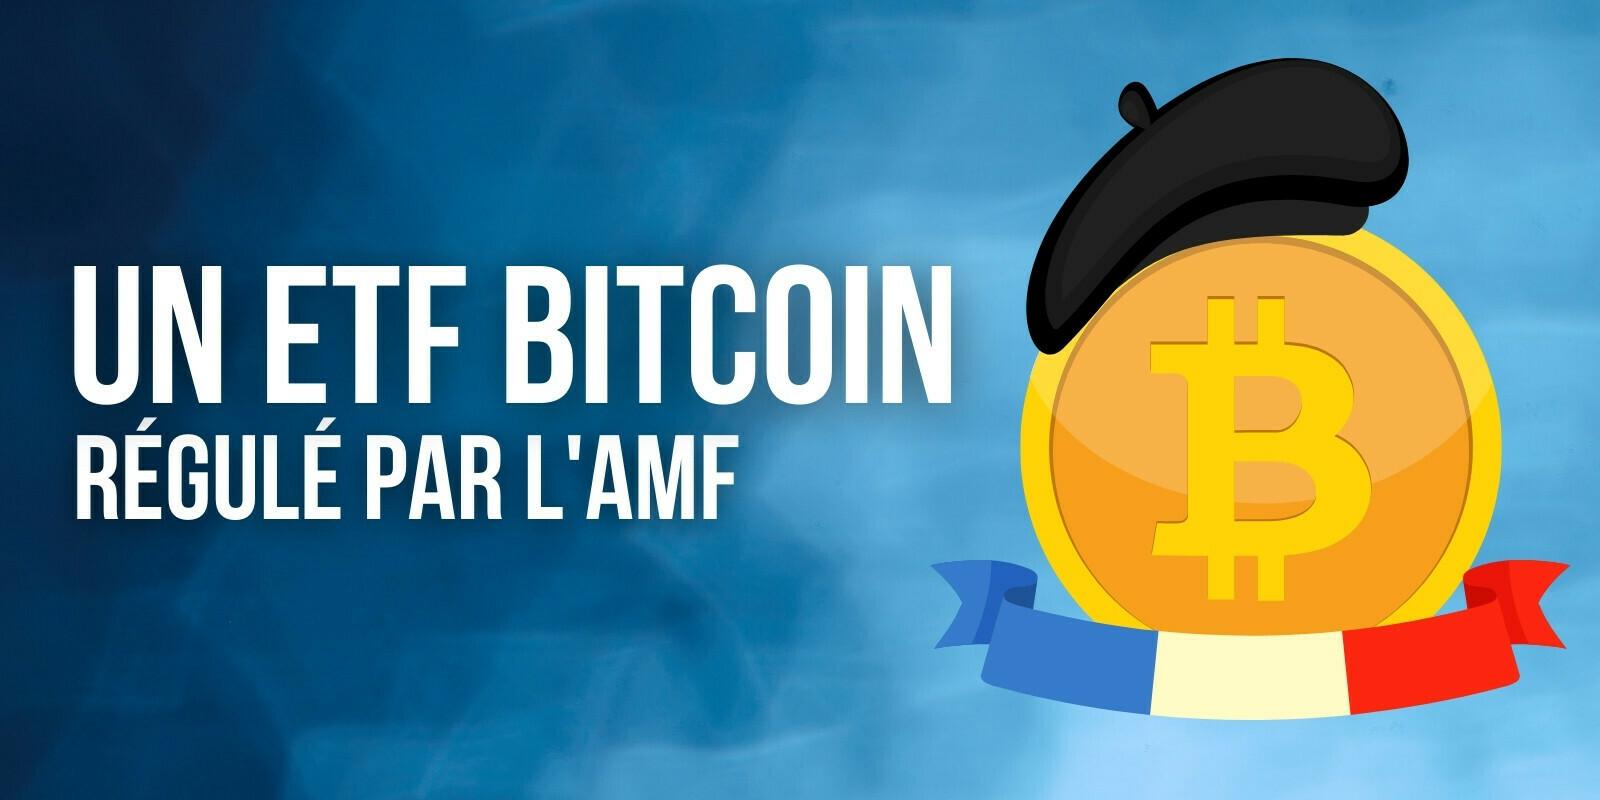 France: lancement d'un ETF Bitcoin (BTC) régulé par l'AMF chez Melanion Capital